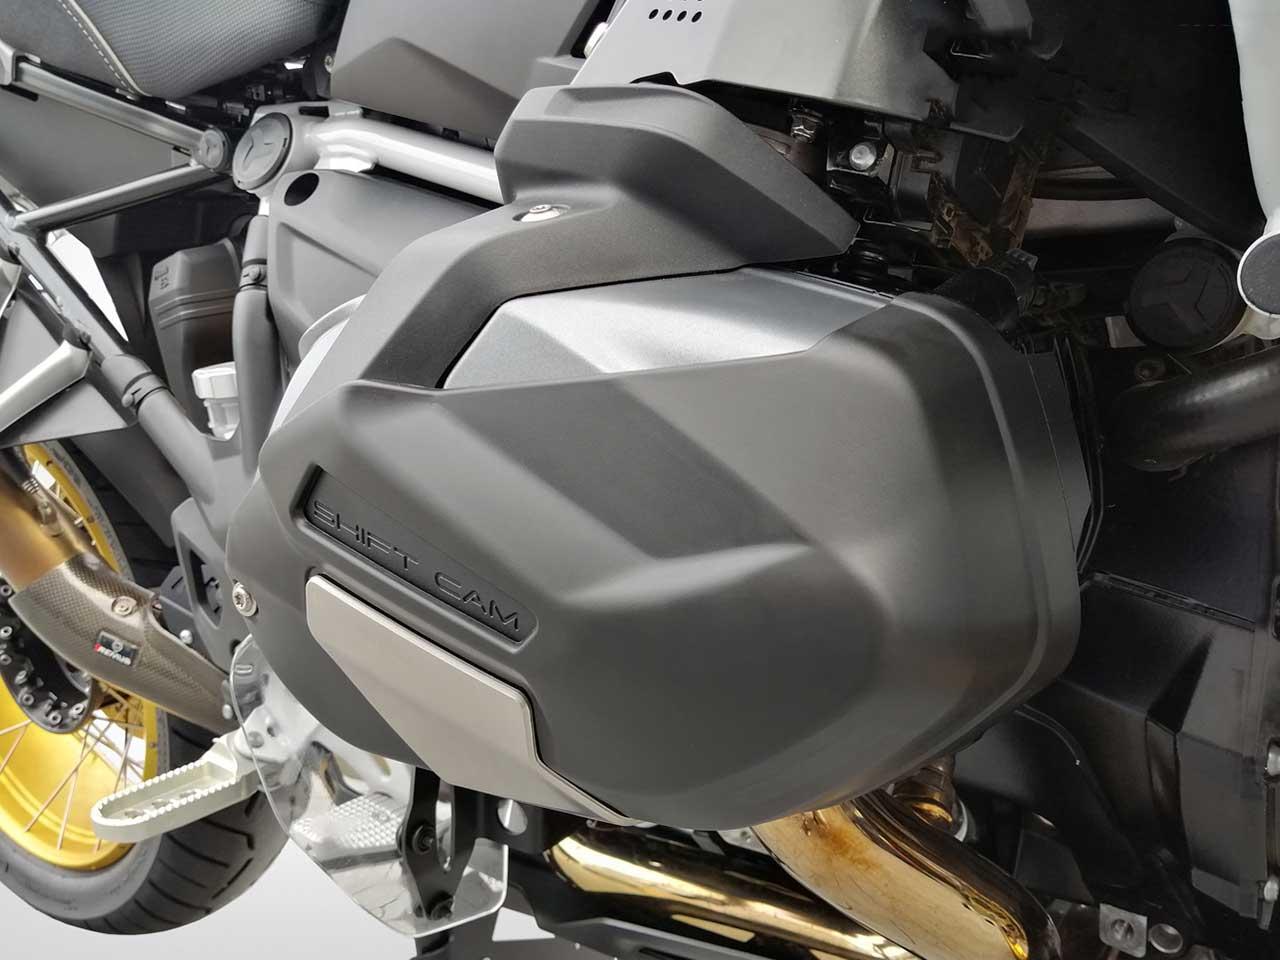 ワンダーリッヒ シリンダーヘッドカバー R1250GS / R1250R / R1250RS / R1250RT